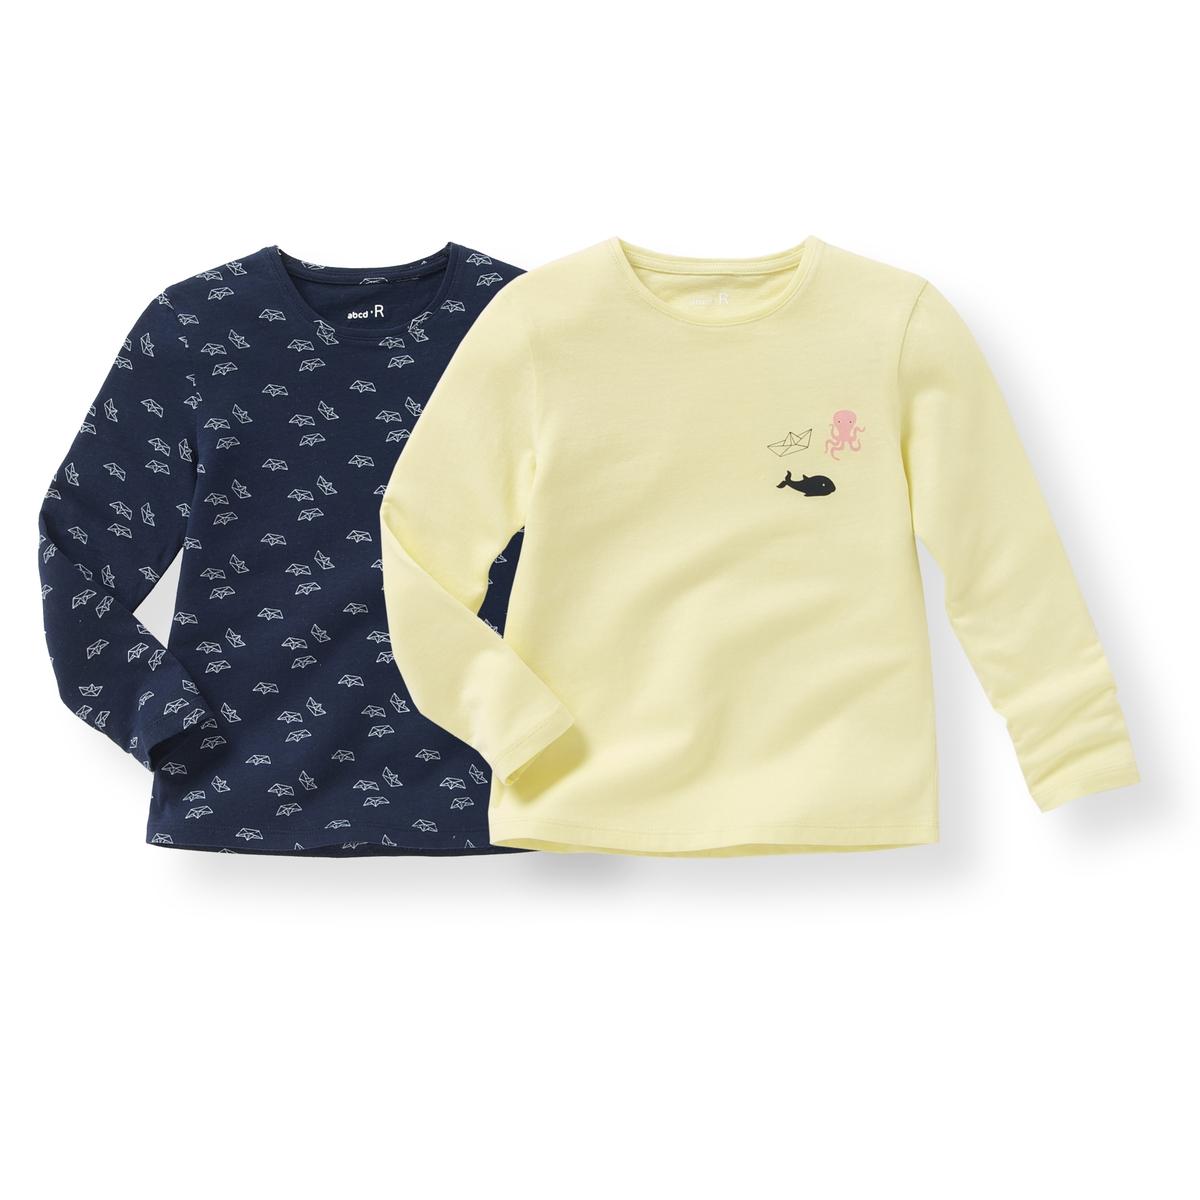 Комплект из 2 футболок с длинными рукавами, 3-12 летСостав и описание : Материал        джерси, 100% хлопокМарка       R ?ditionУход: :Машинная стирка при 30 °C с вещами схожих цветов.Стирать и гладить с изнаночной стороны.Машинная сушка в умеренном режиме.Гладить на низкой температуре.<br><br>Цвет: желтый + темно-синий<br>Размер: 10 лет - 138 см